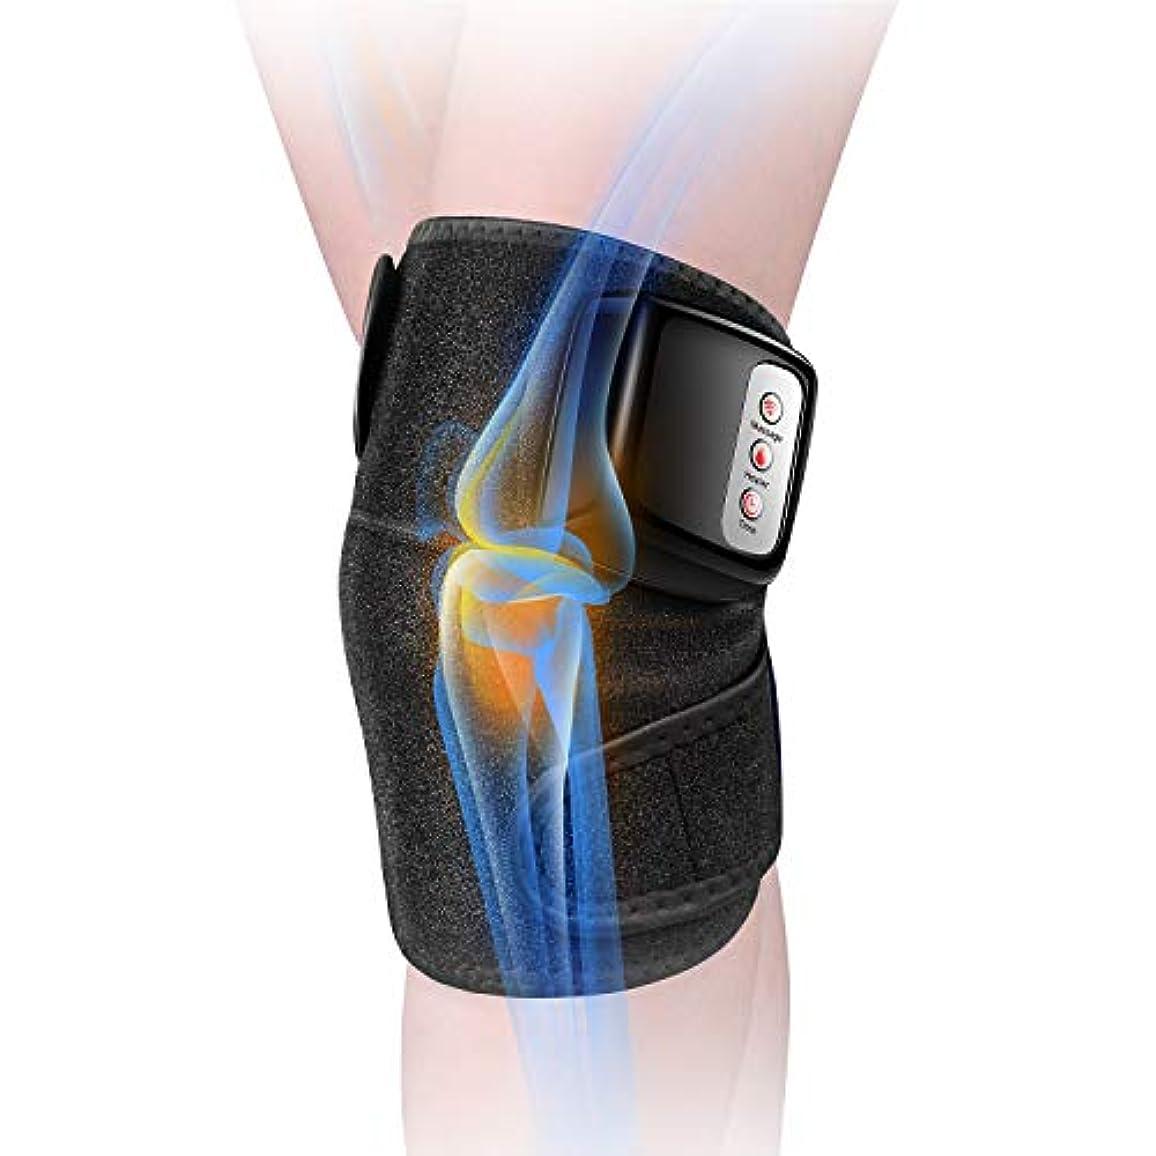 ジャンピングジャックチャネル望む膝マッサージャー 関節マッサージャー マッサージ器 フットマッサージャー 振動 赤外線療法 温熱療法 膝サポーター ストレス解消 肩 太もも/腕対応